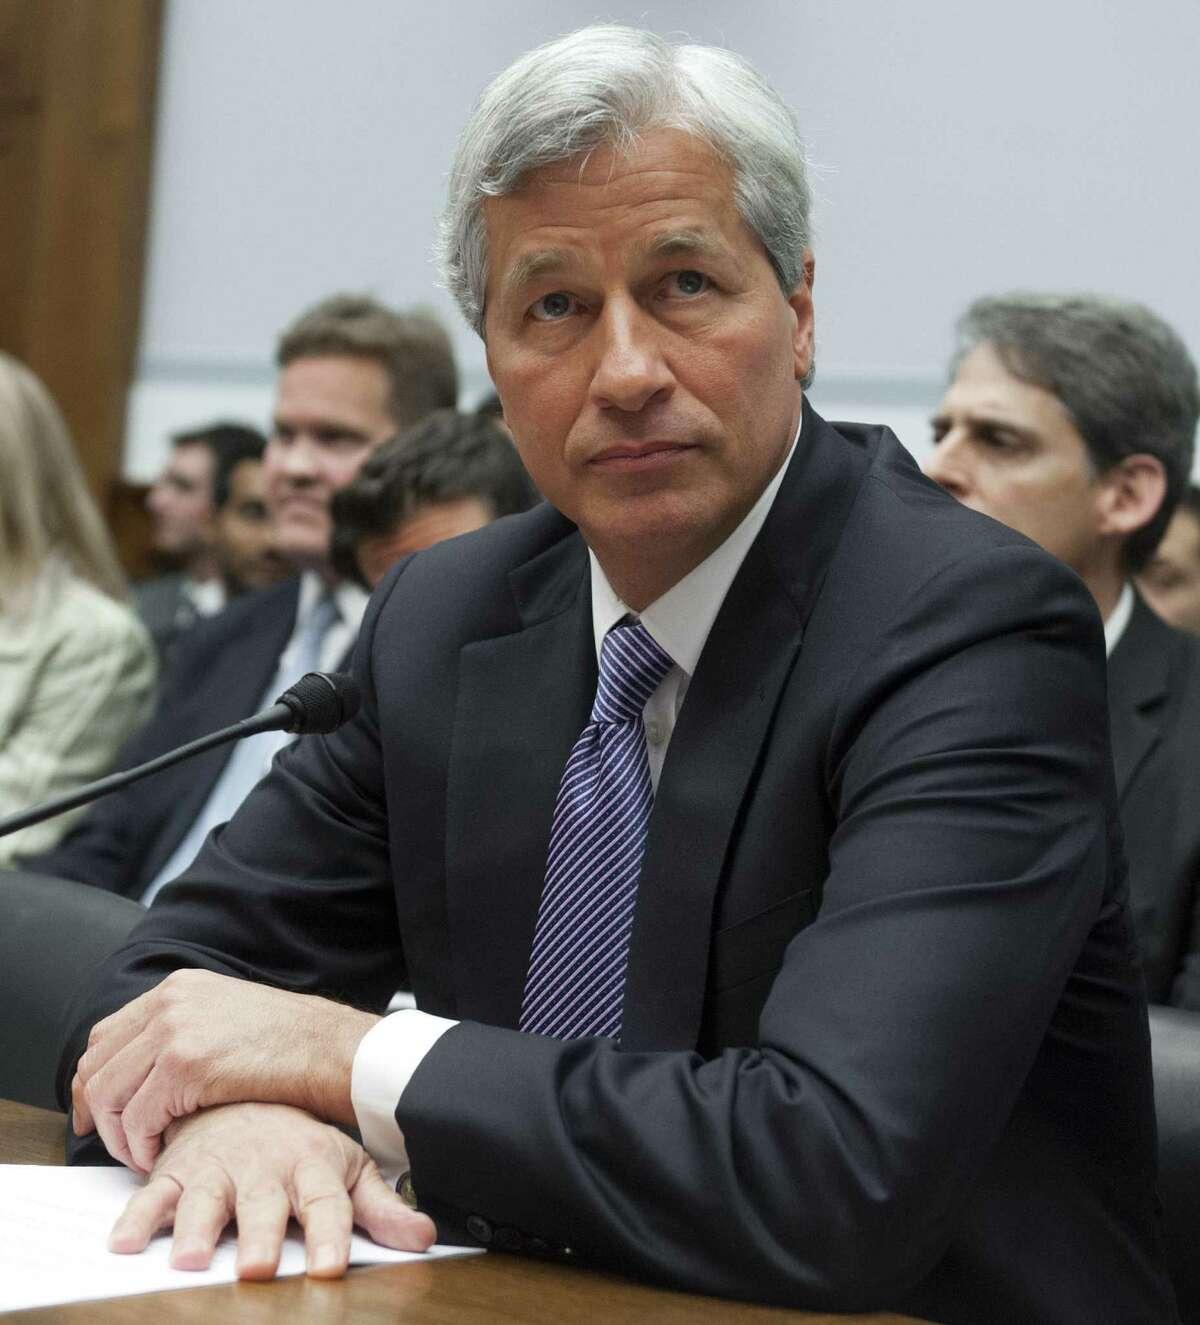 Jamie Dimon says big global banks would